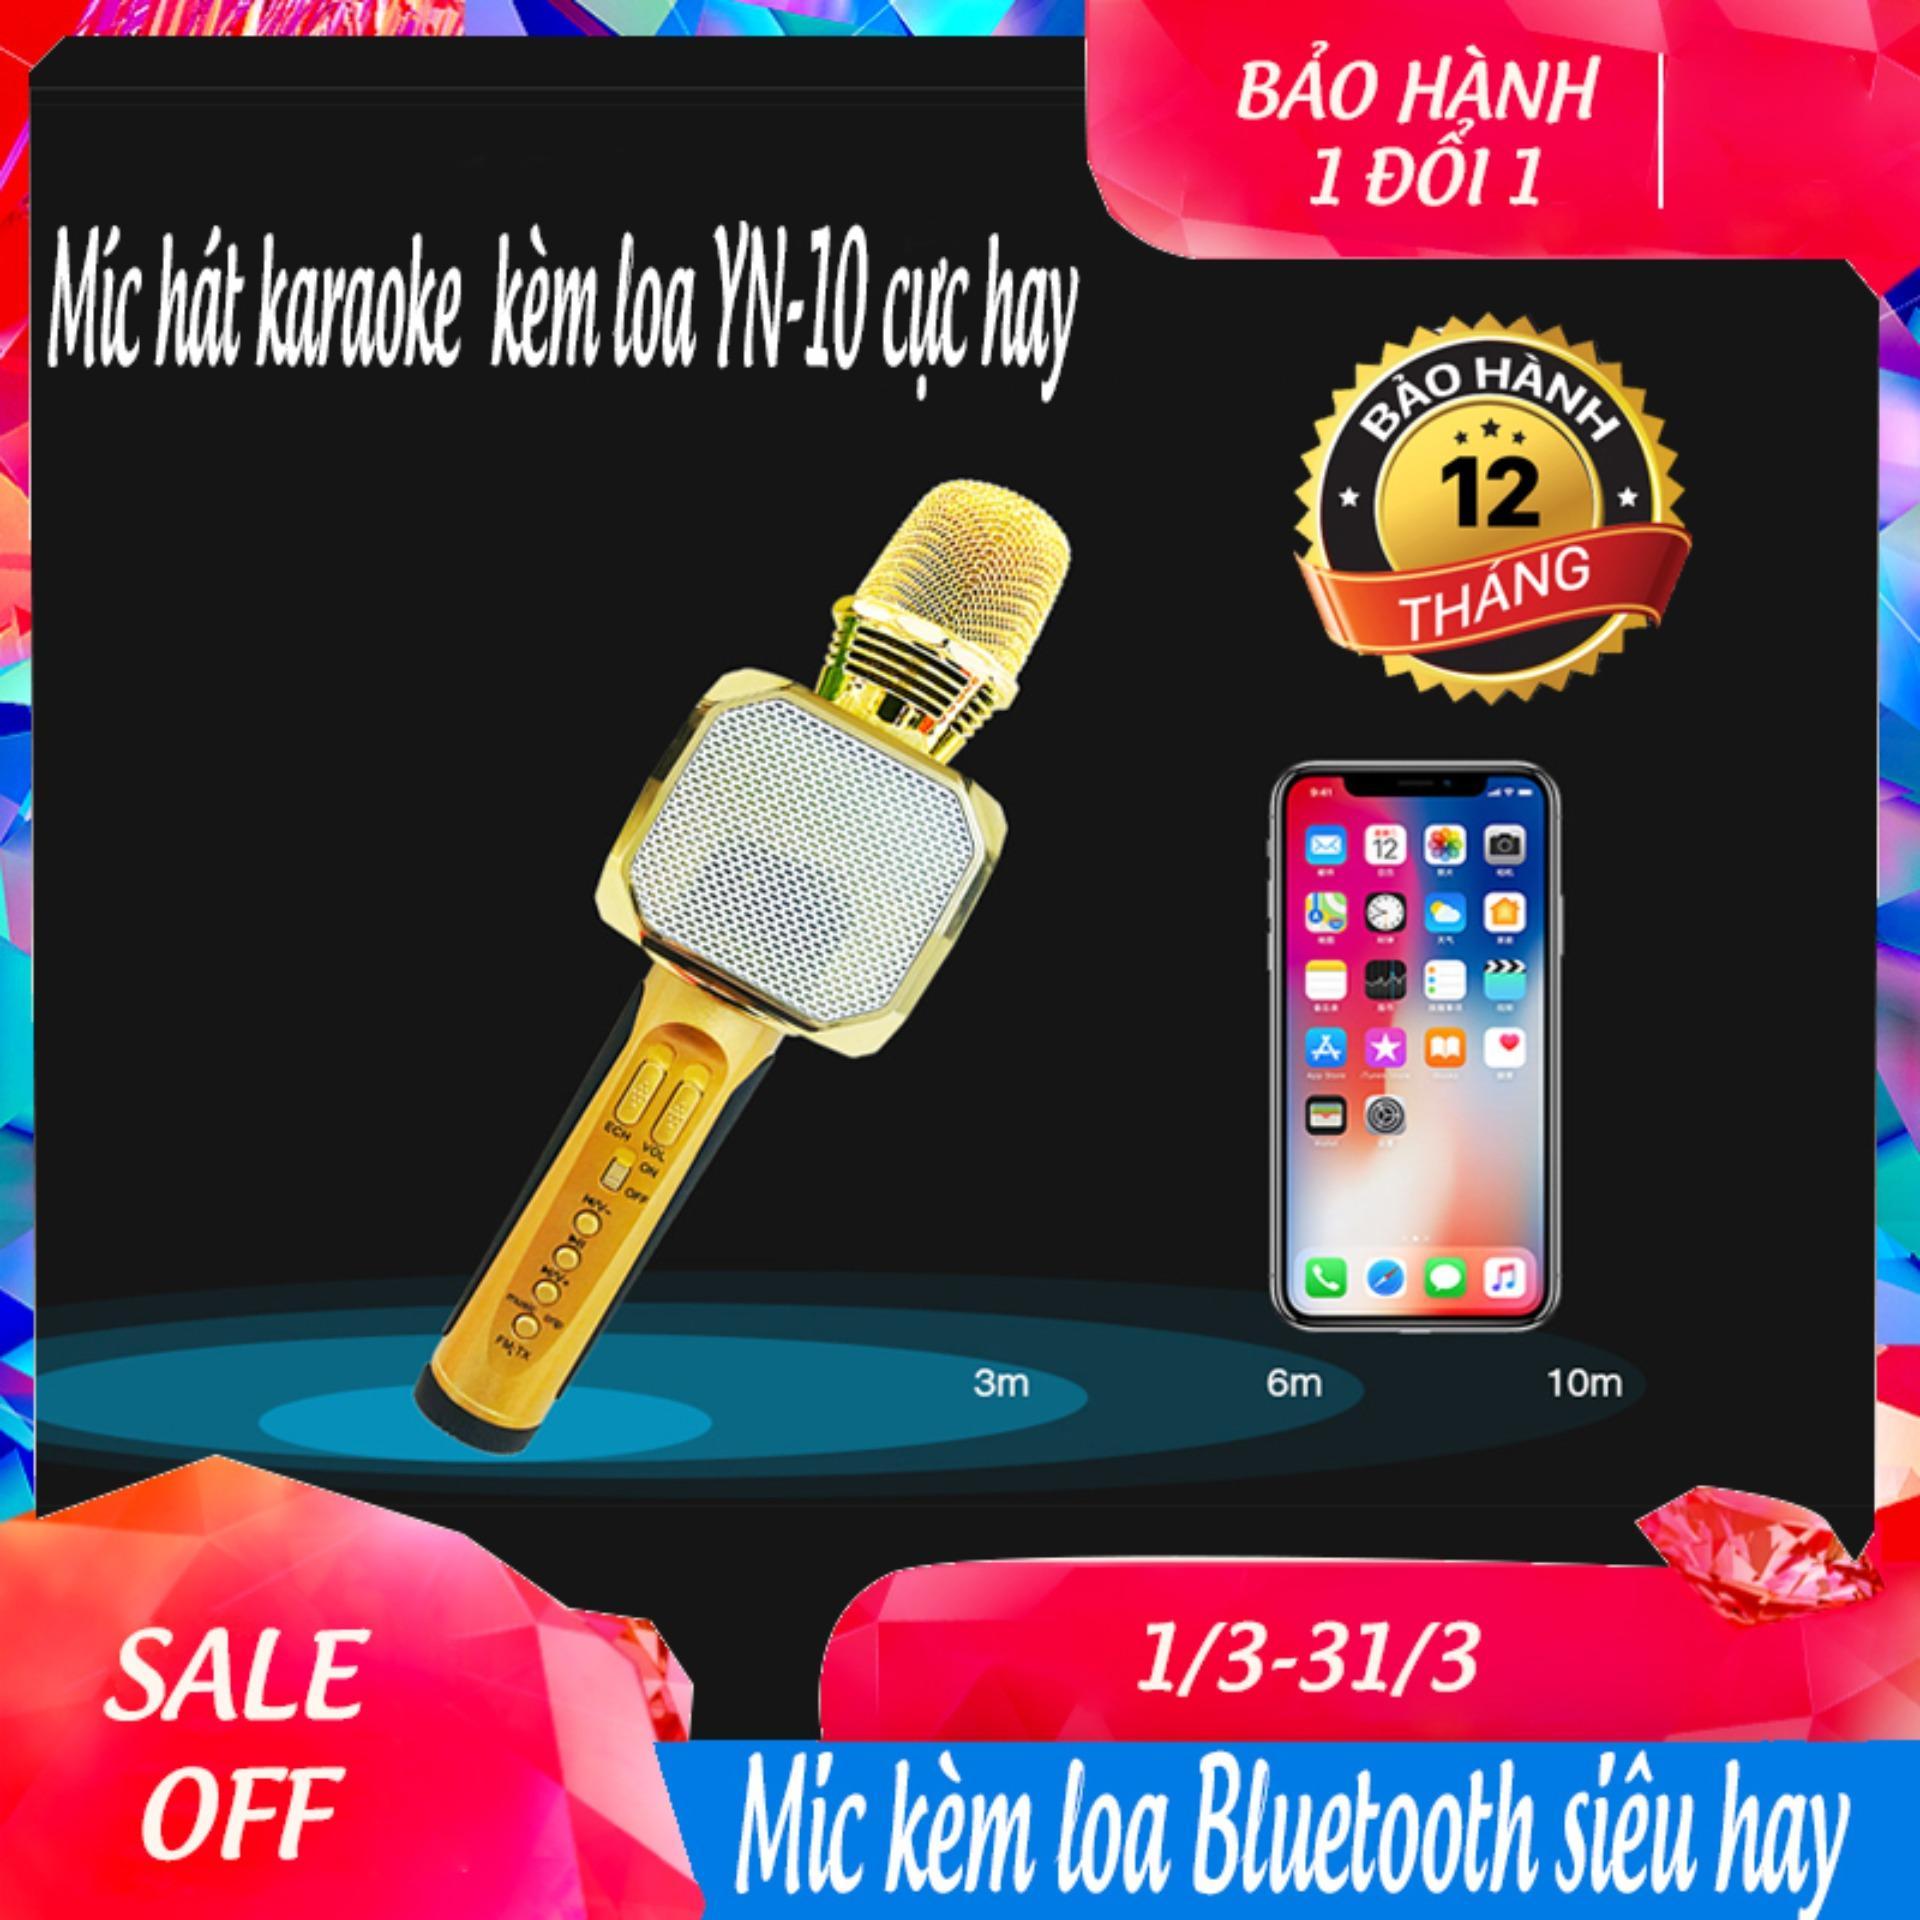 mic karaoke q7 hát không hay bằng micro kem loa bluetooth SD-10, Micro Kèm Loa Karaoke Sd-10 Bluetooth 2018 Cực Hay Thời Gian Sử Dụng 7H, Thiết Kế Đẹp Mắt, Dung Lượng Pin 2200 Mah, Dễ Dàng Kết Nối, Giá Thành Bình Dân, Nhỏ Gọn, Bảo Hành Lâu Dài.